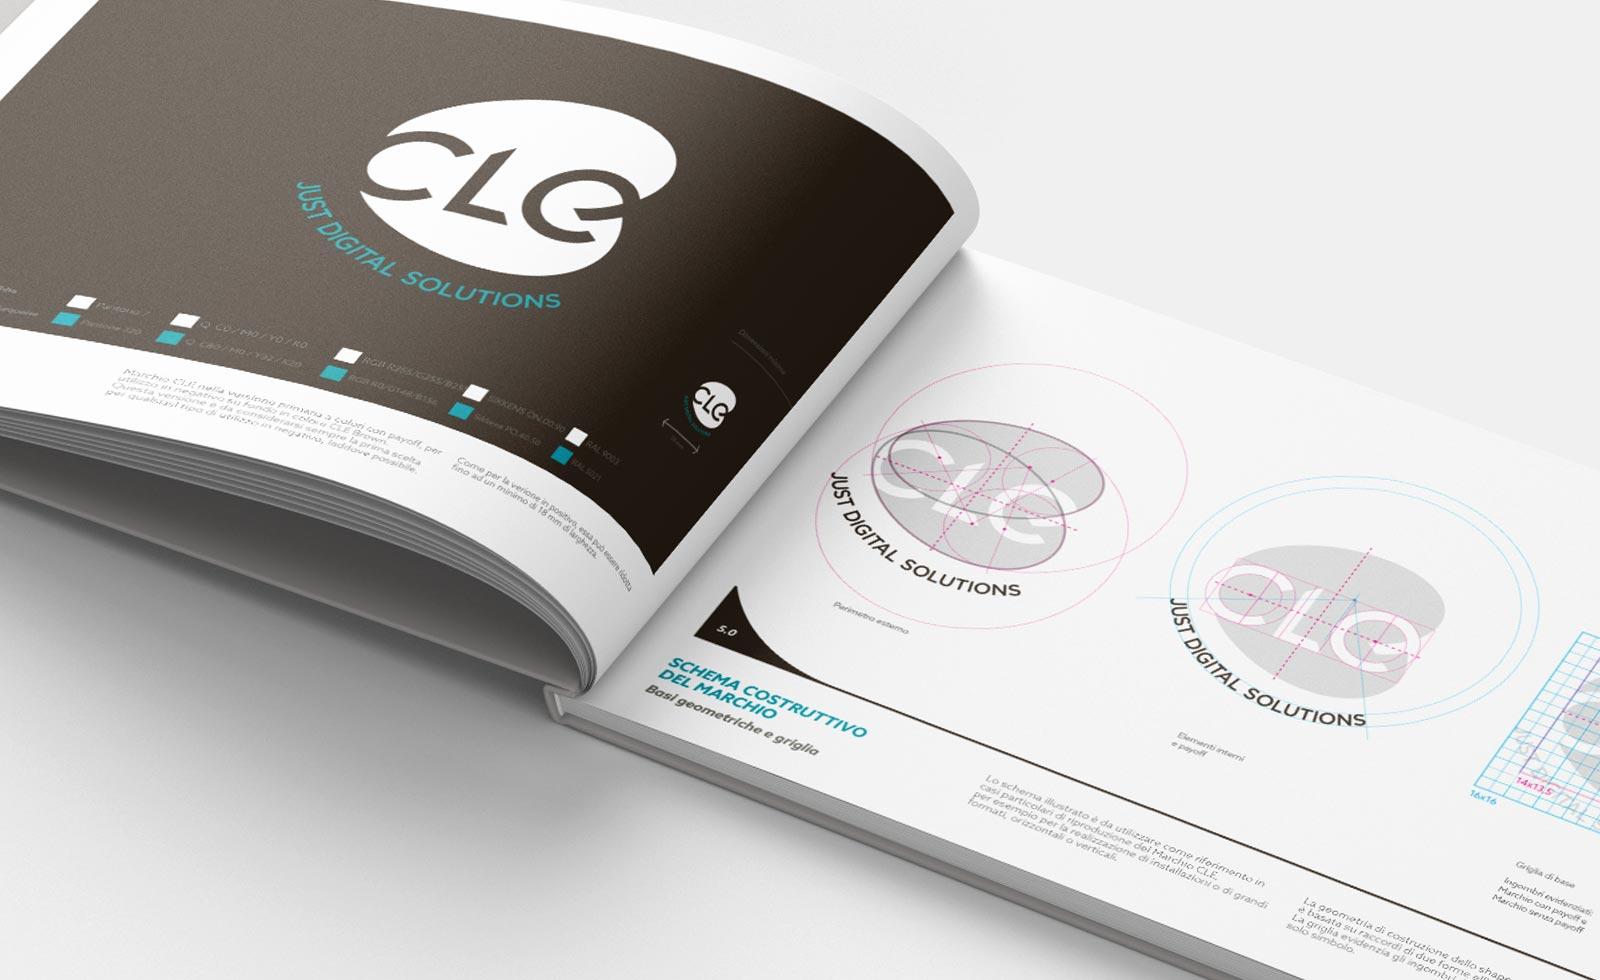 cle brandbook digital solutions pitscheider maggipinto